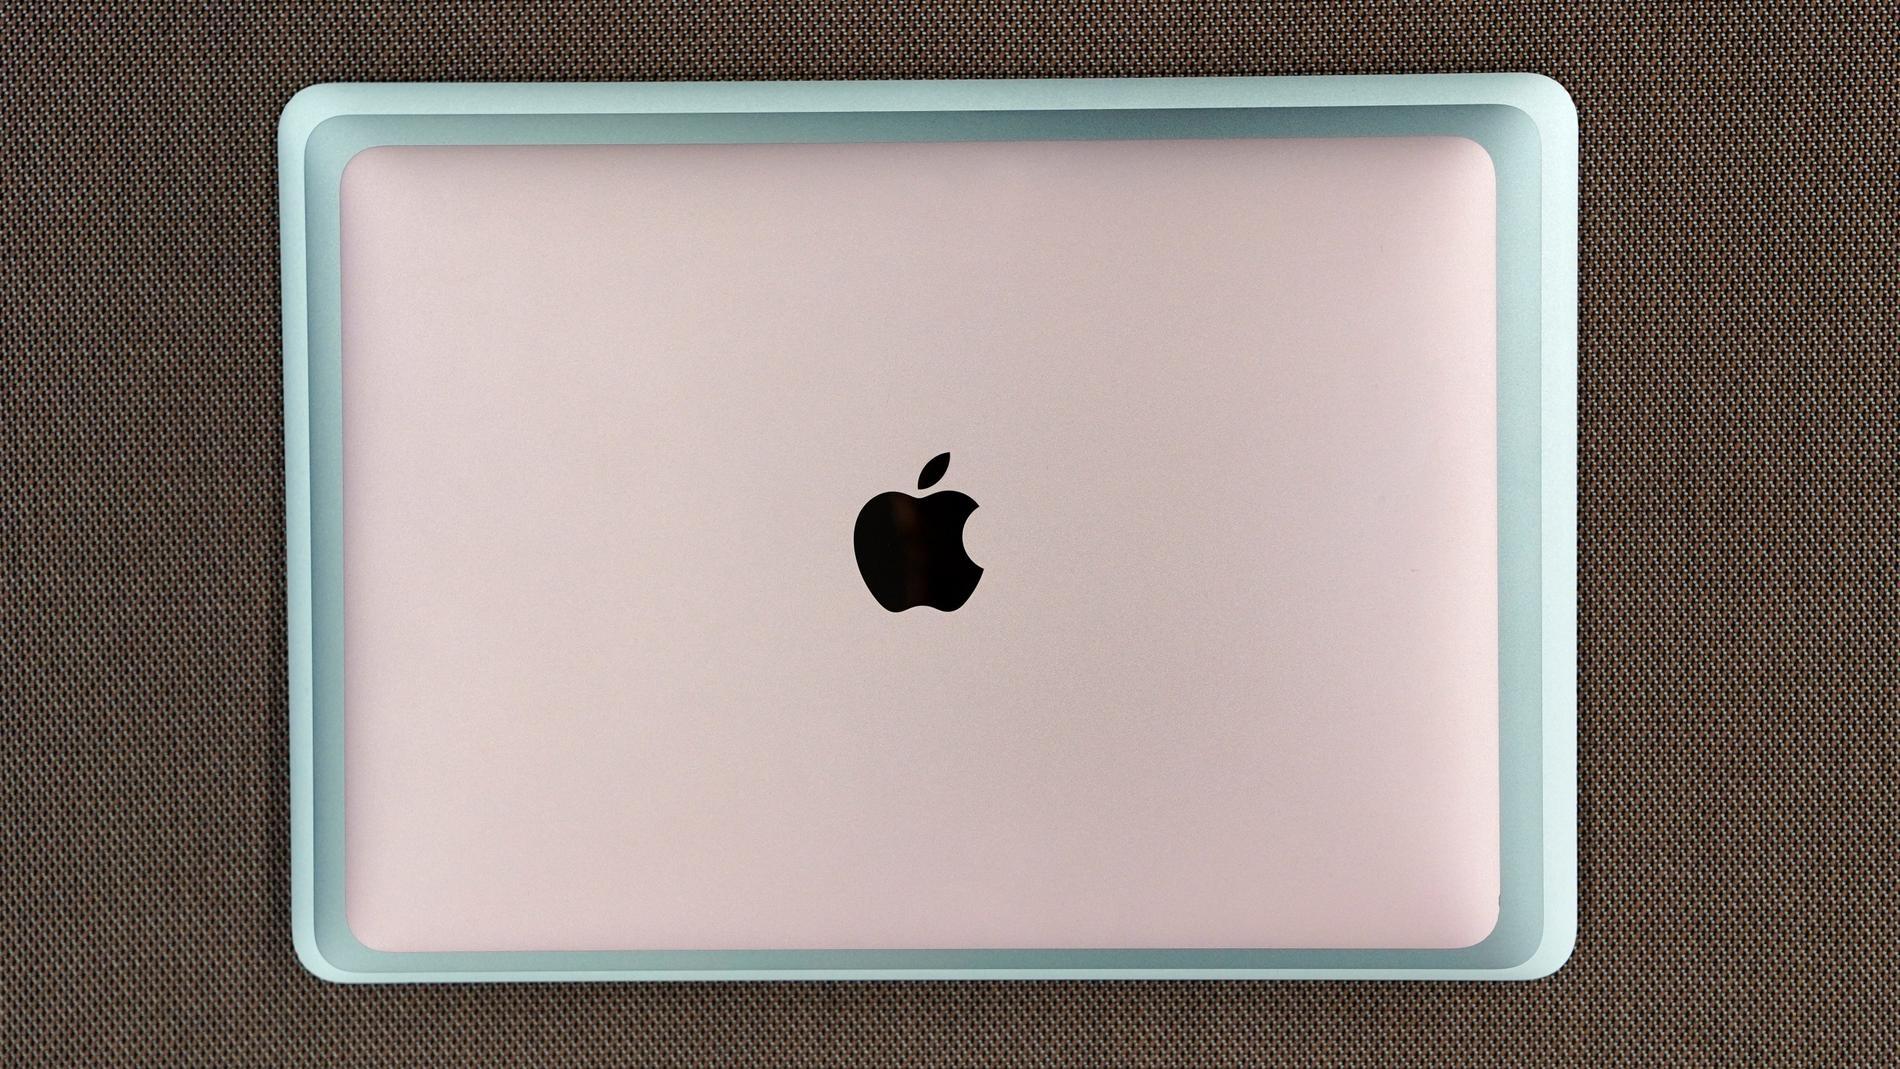 Nedifrån och upp: gamla Macbook Air 13, nya Macbook Air 13 och Macbook 12.